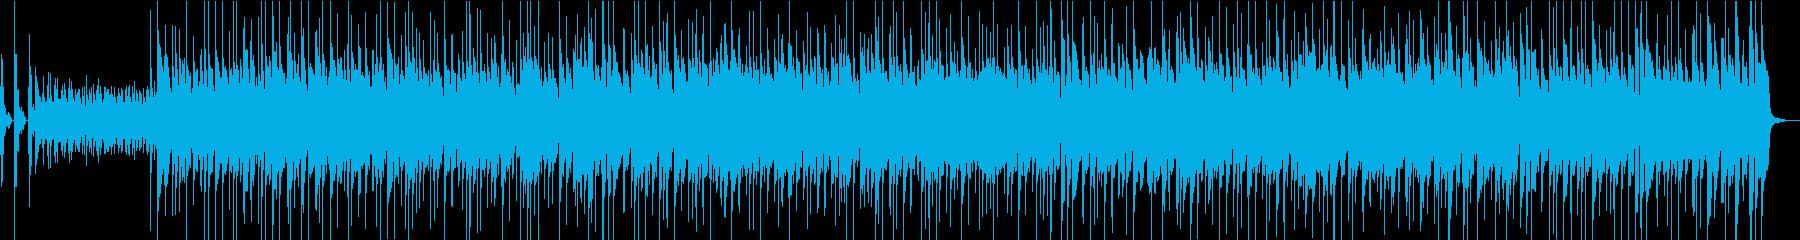 秒合わせロッキー系筋トレ動画用2分BGMの再生済みの波形